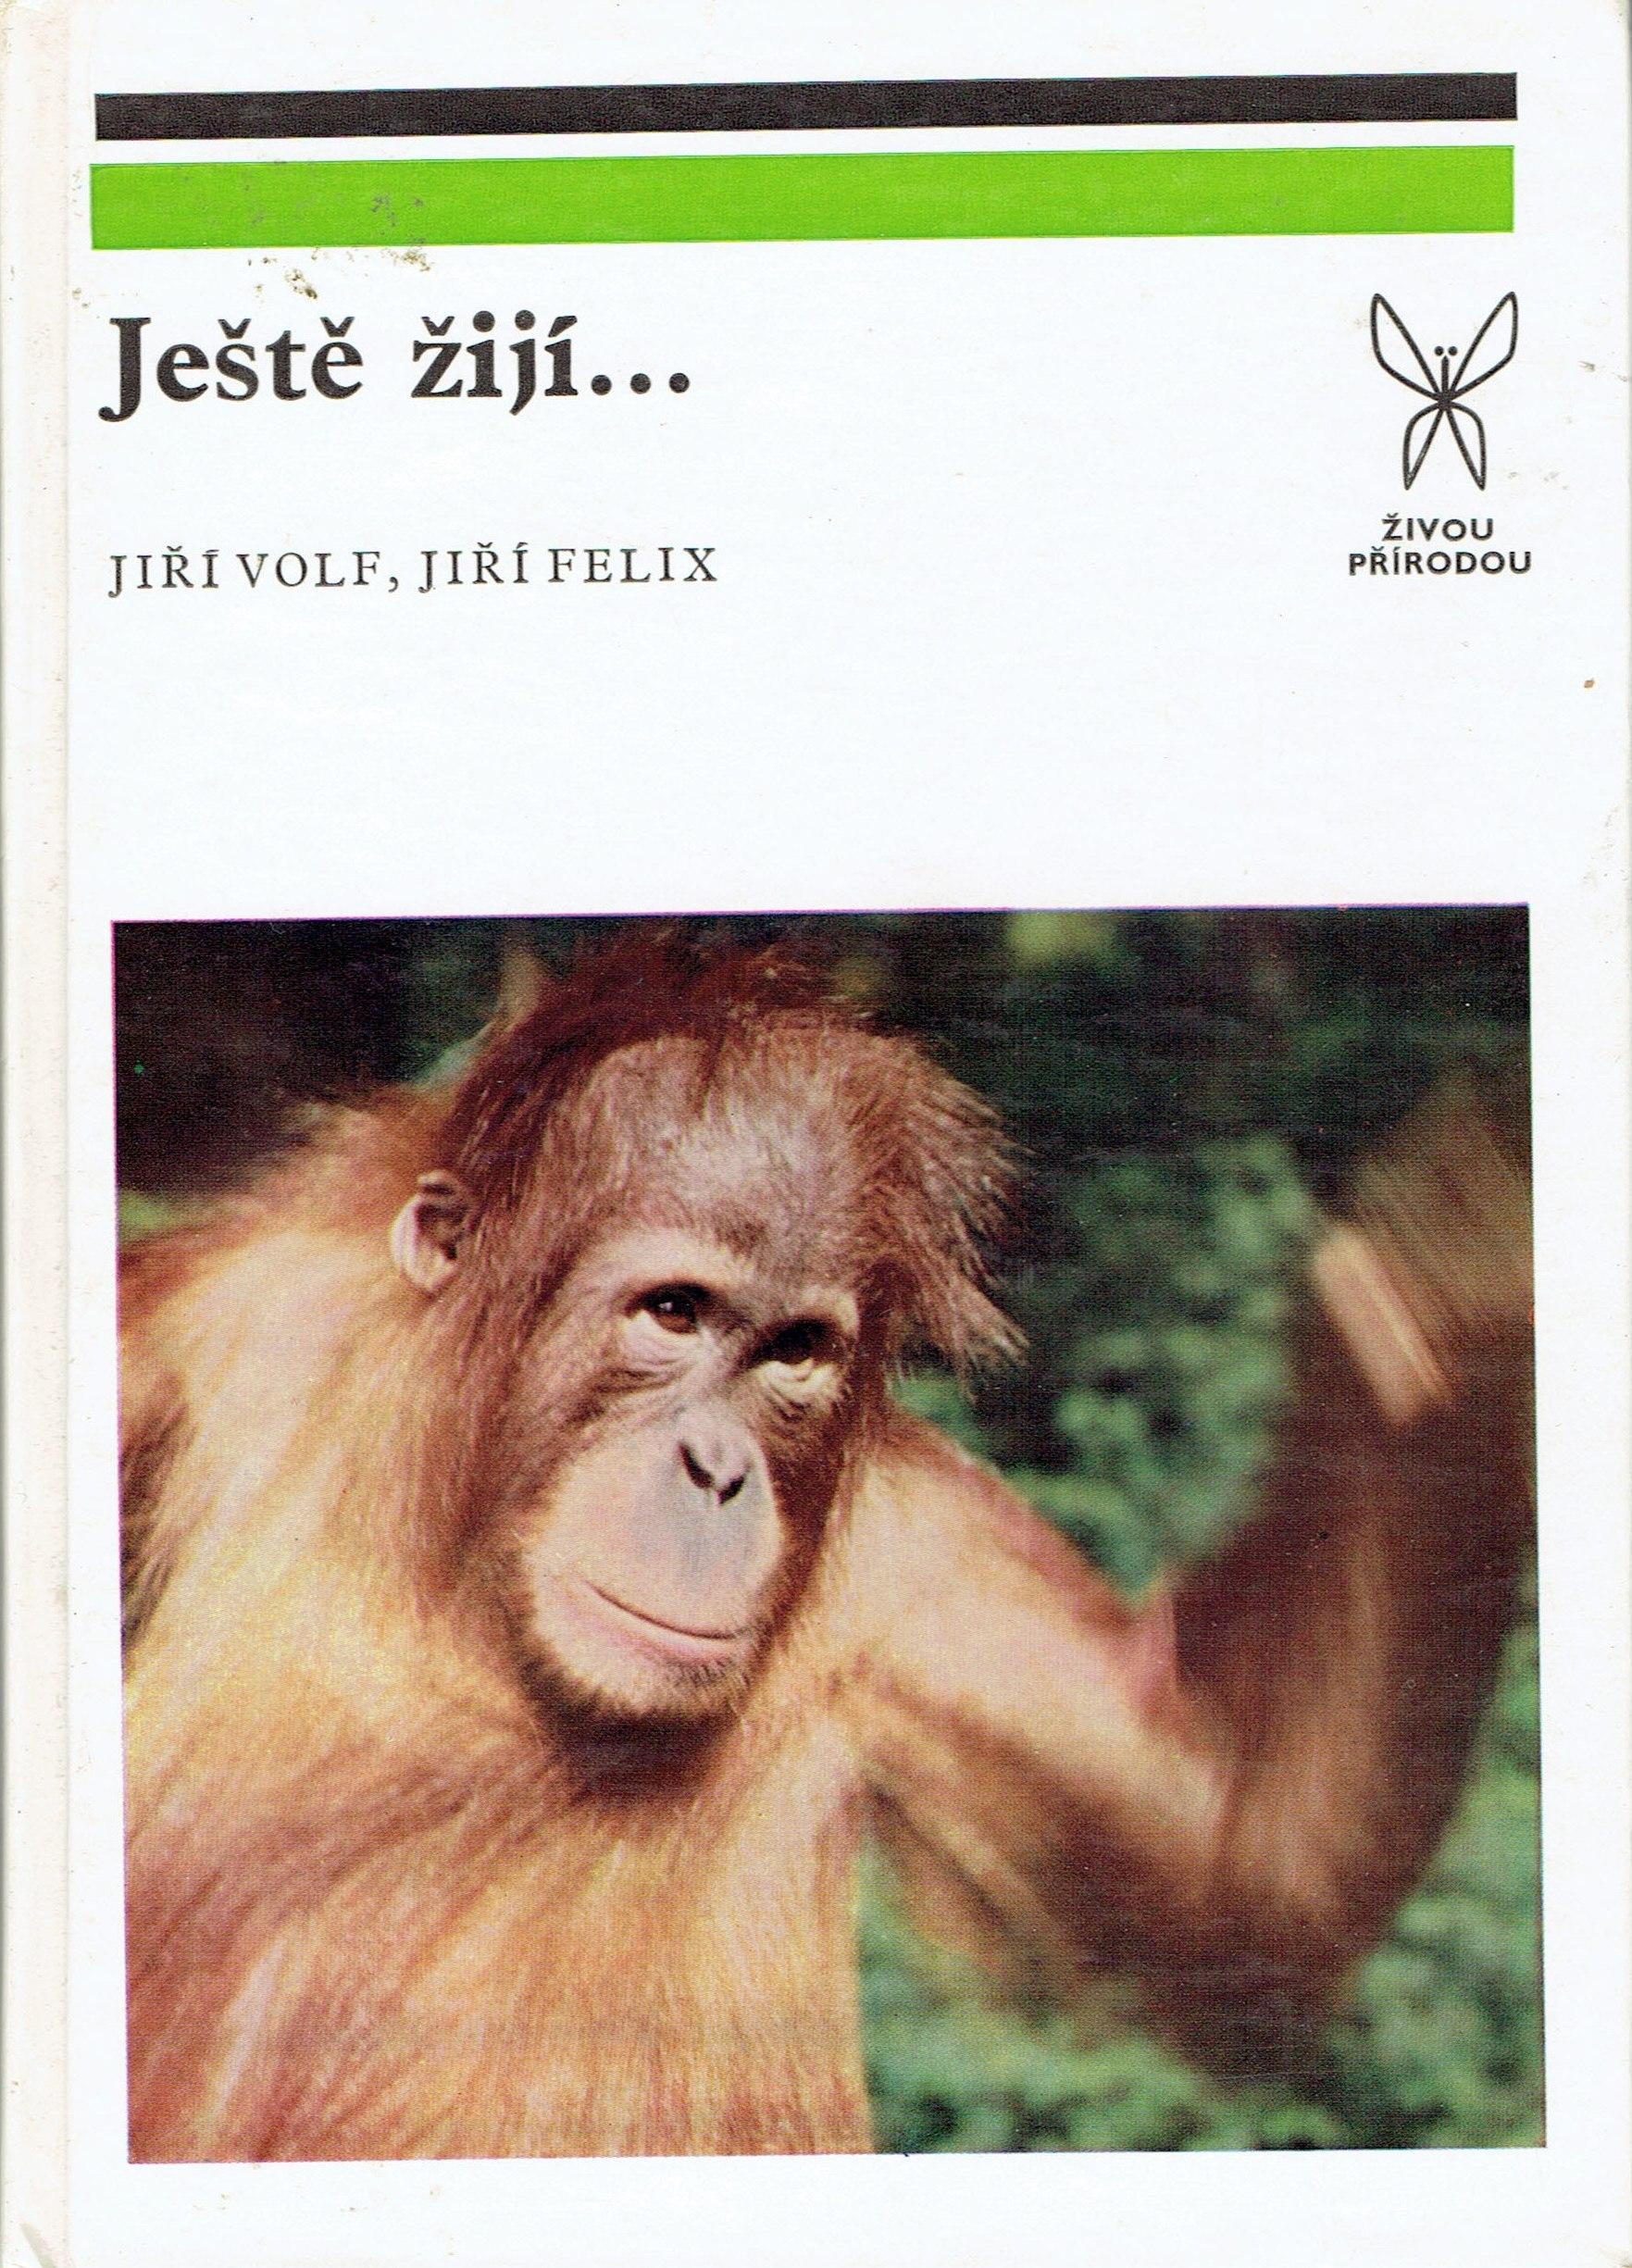 Ještě žijí... - Jiří Volf, Jiří Felix /bazarové zboží/